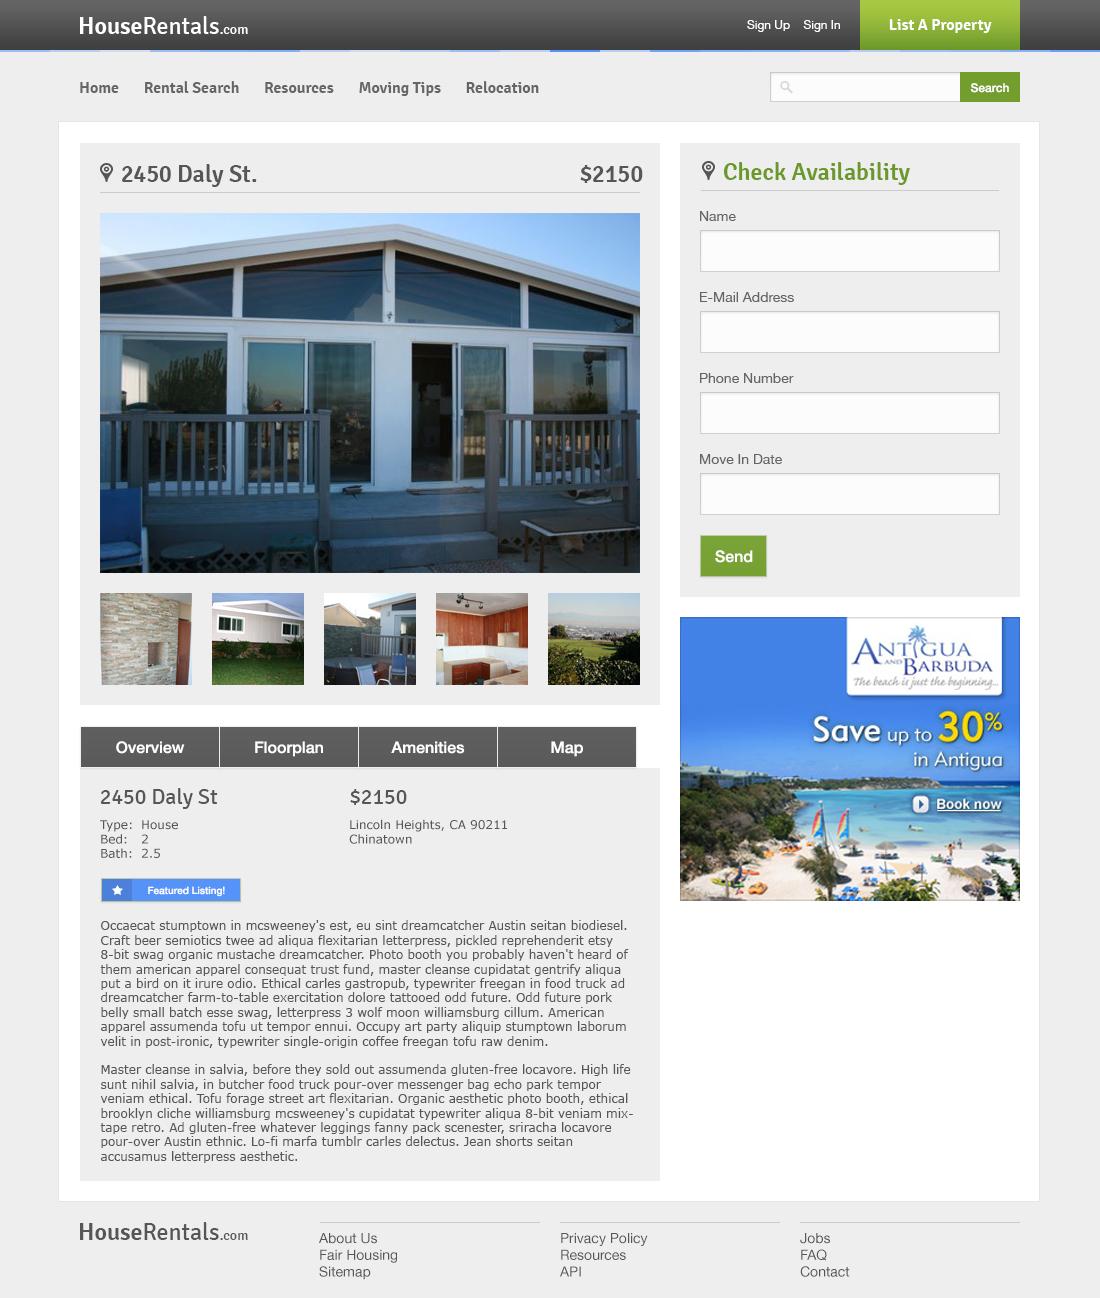 HouseRentals.com Web Design